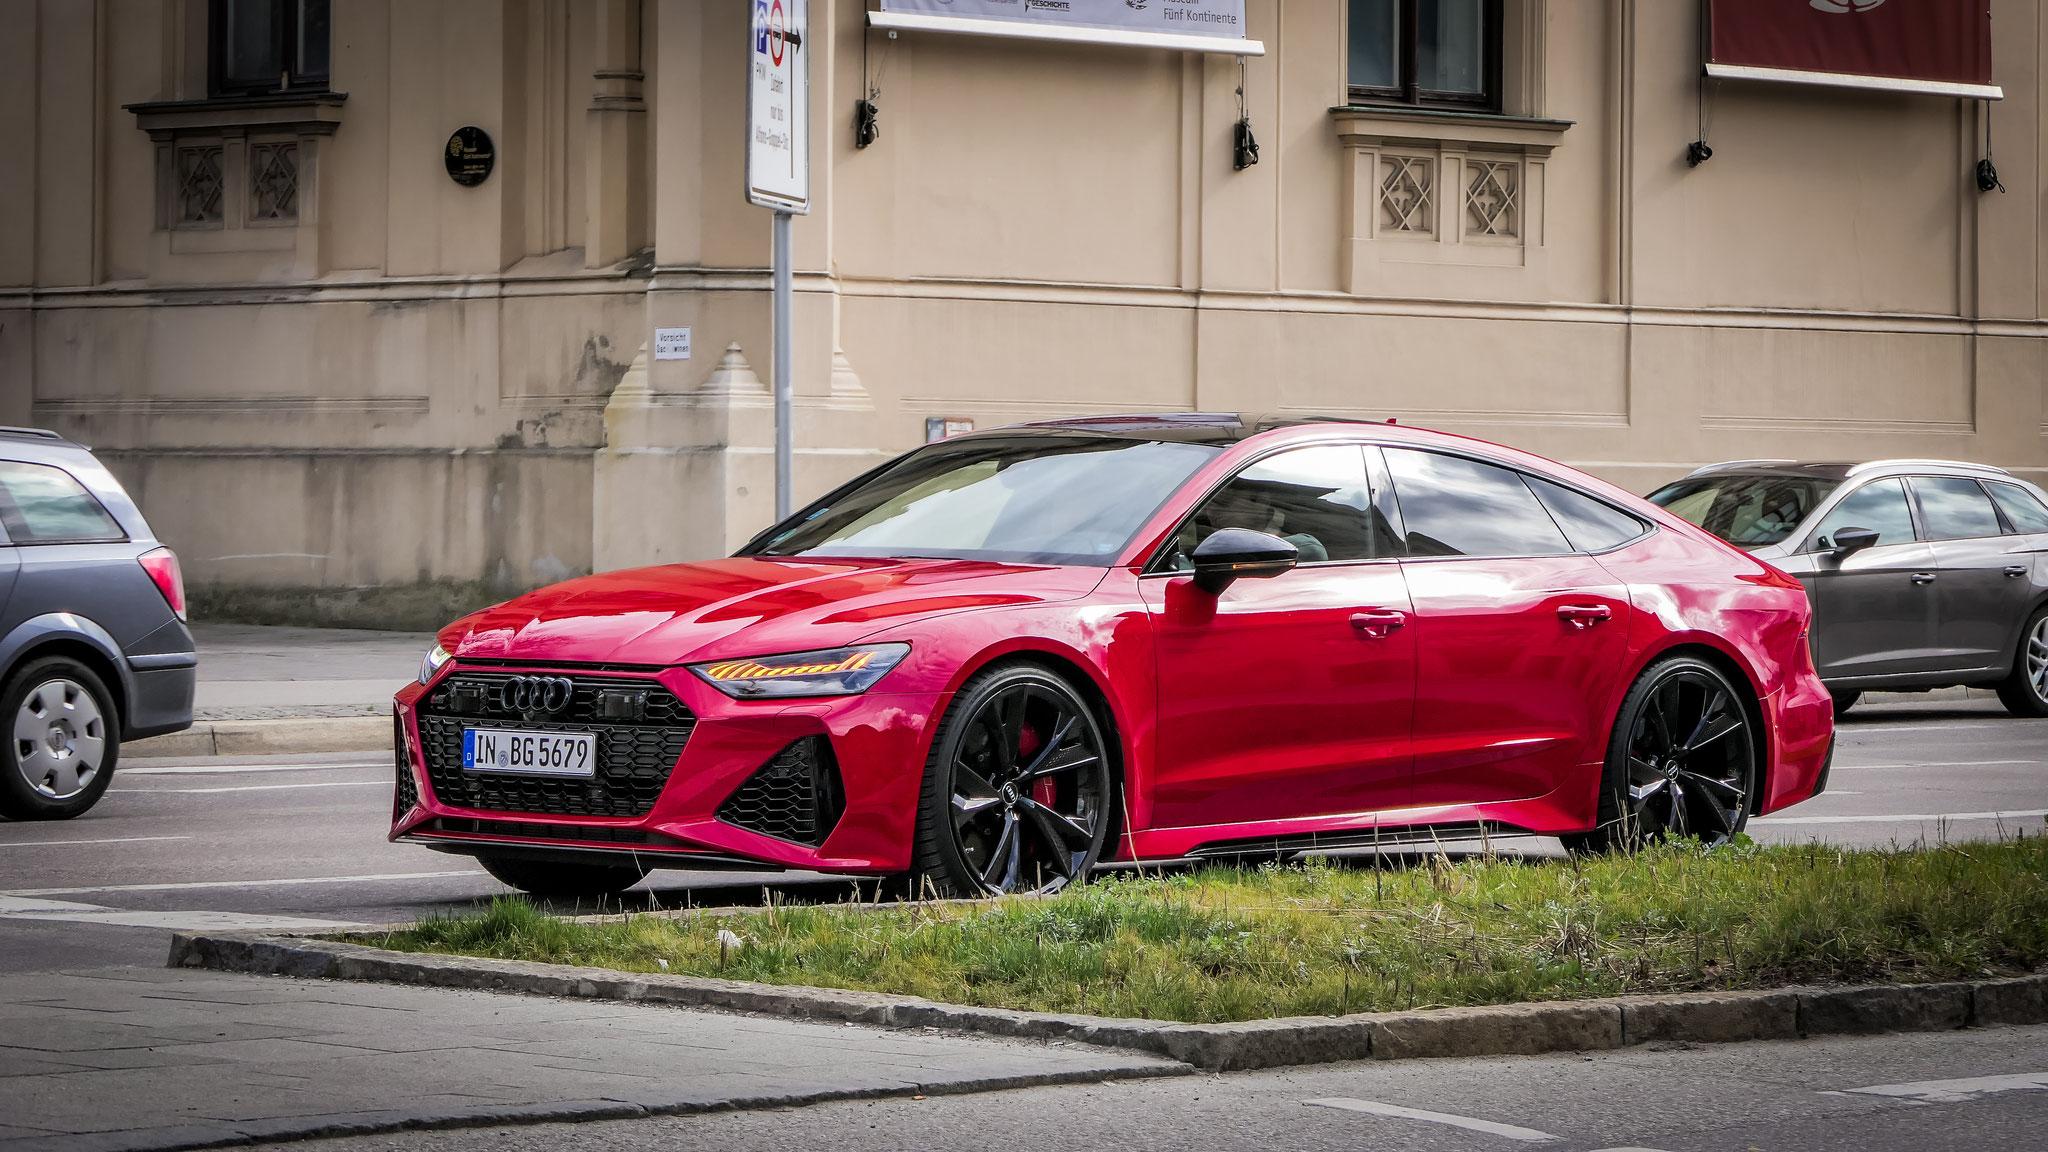 Audi RS7 - IN-BG-5679